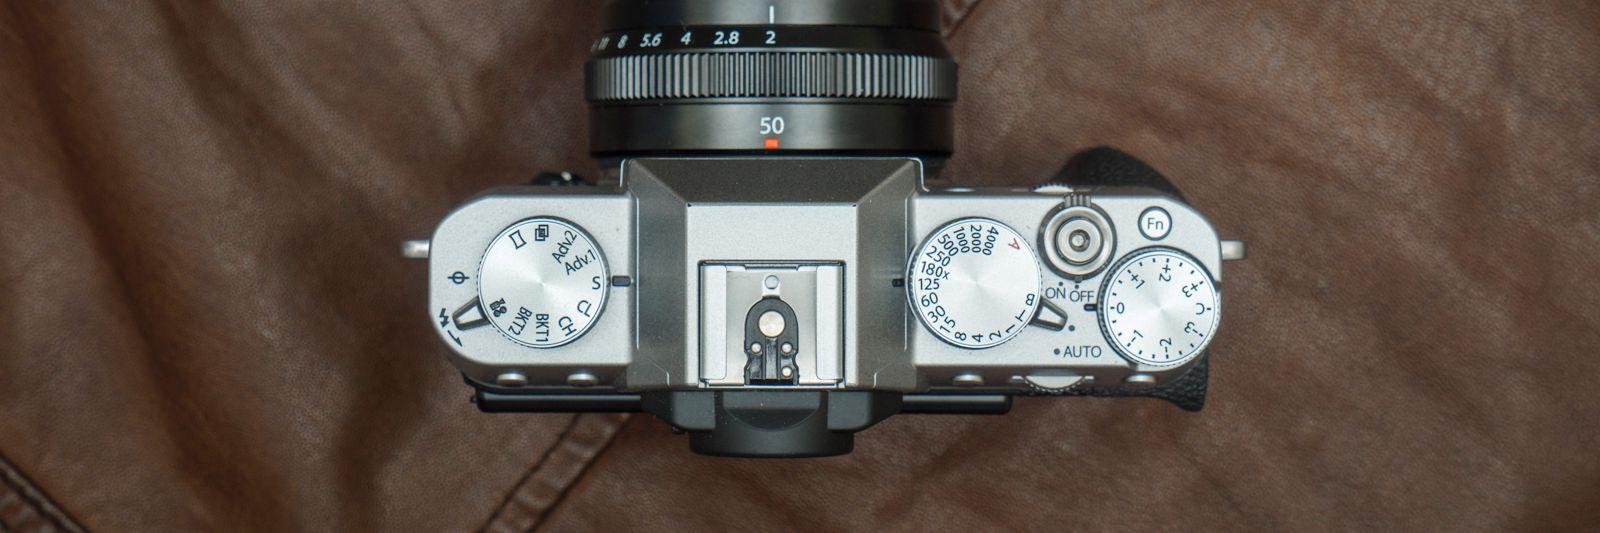 Fujifilm kjører som vanlig på med gjennomført retrobetjening, noe vi liker - det gir en hvis «godfølelse», av å være tettere på fotoprosessen og skapelsen av bildet. Men det er nok litt subjektivt, og passer selvsagt ikke for alle. Bilde: Kristoffer Møllevik